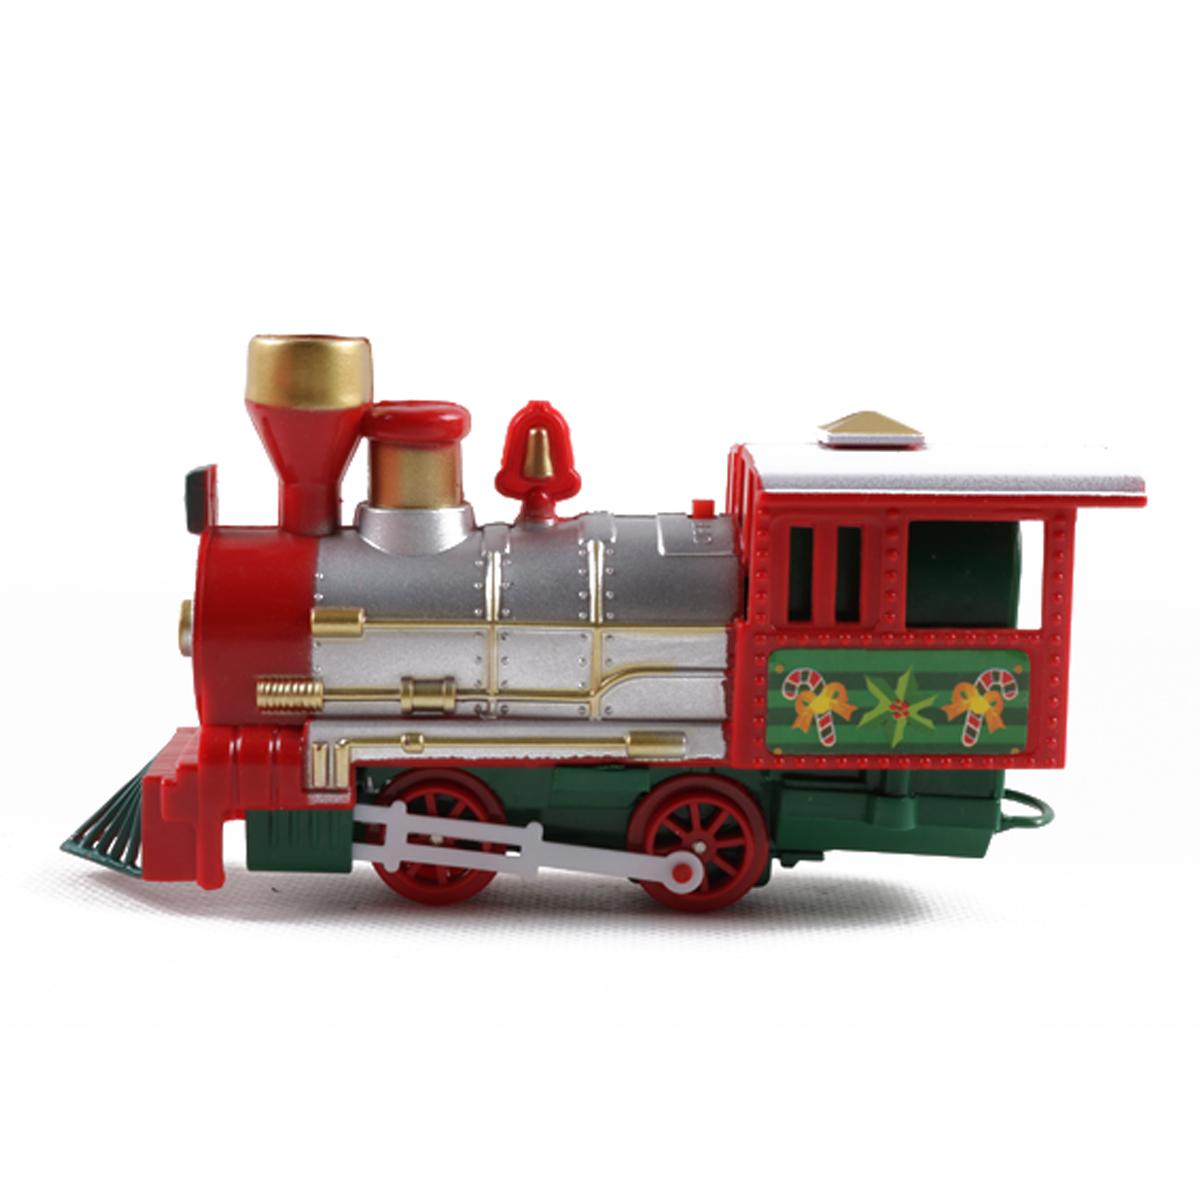 Bộ Đồ Chơi Xe Lửa Giáng Sinh Với Âm Nhạc Locomotive Model Toys Quà Tặng Trẻ Em